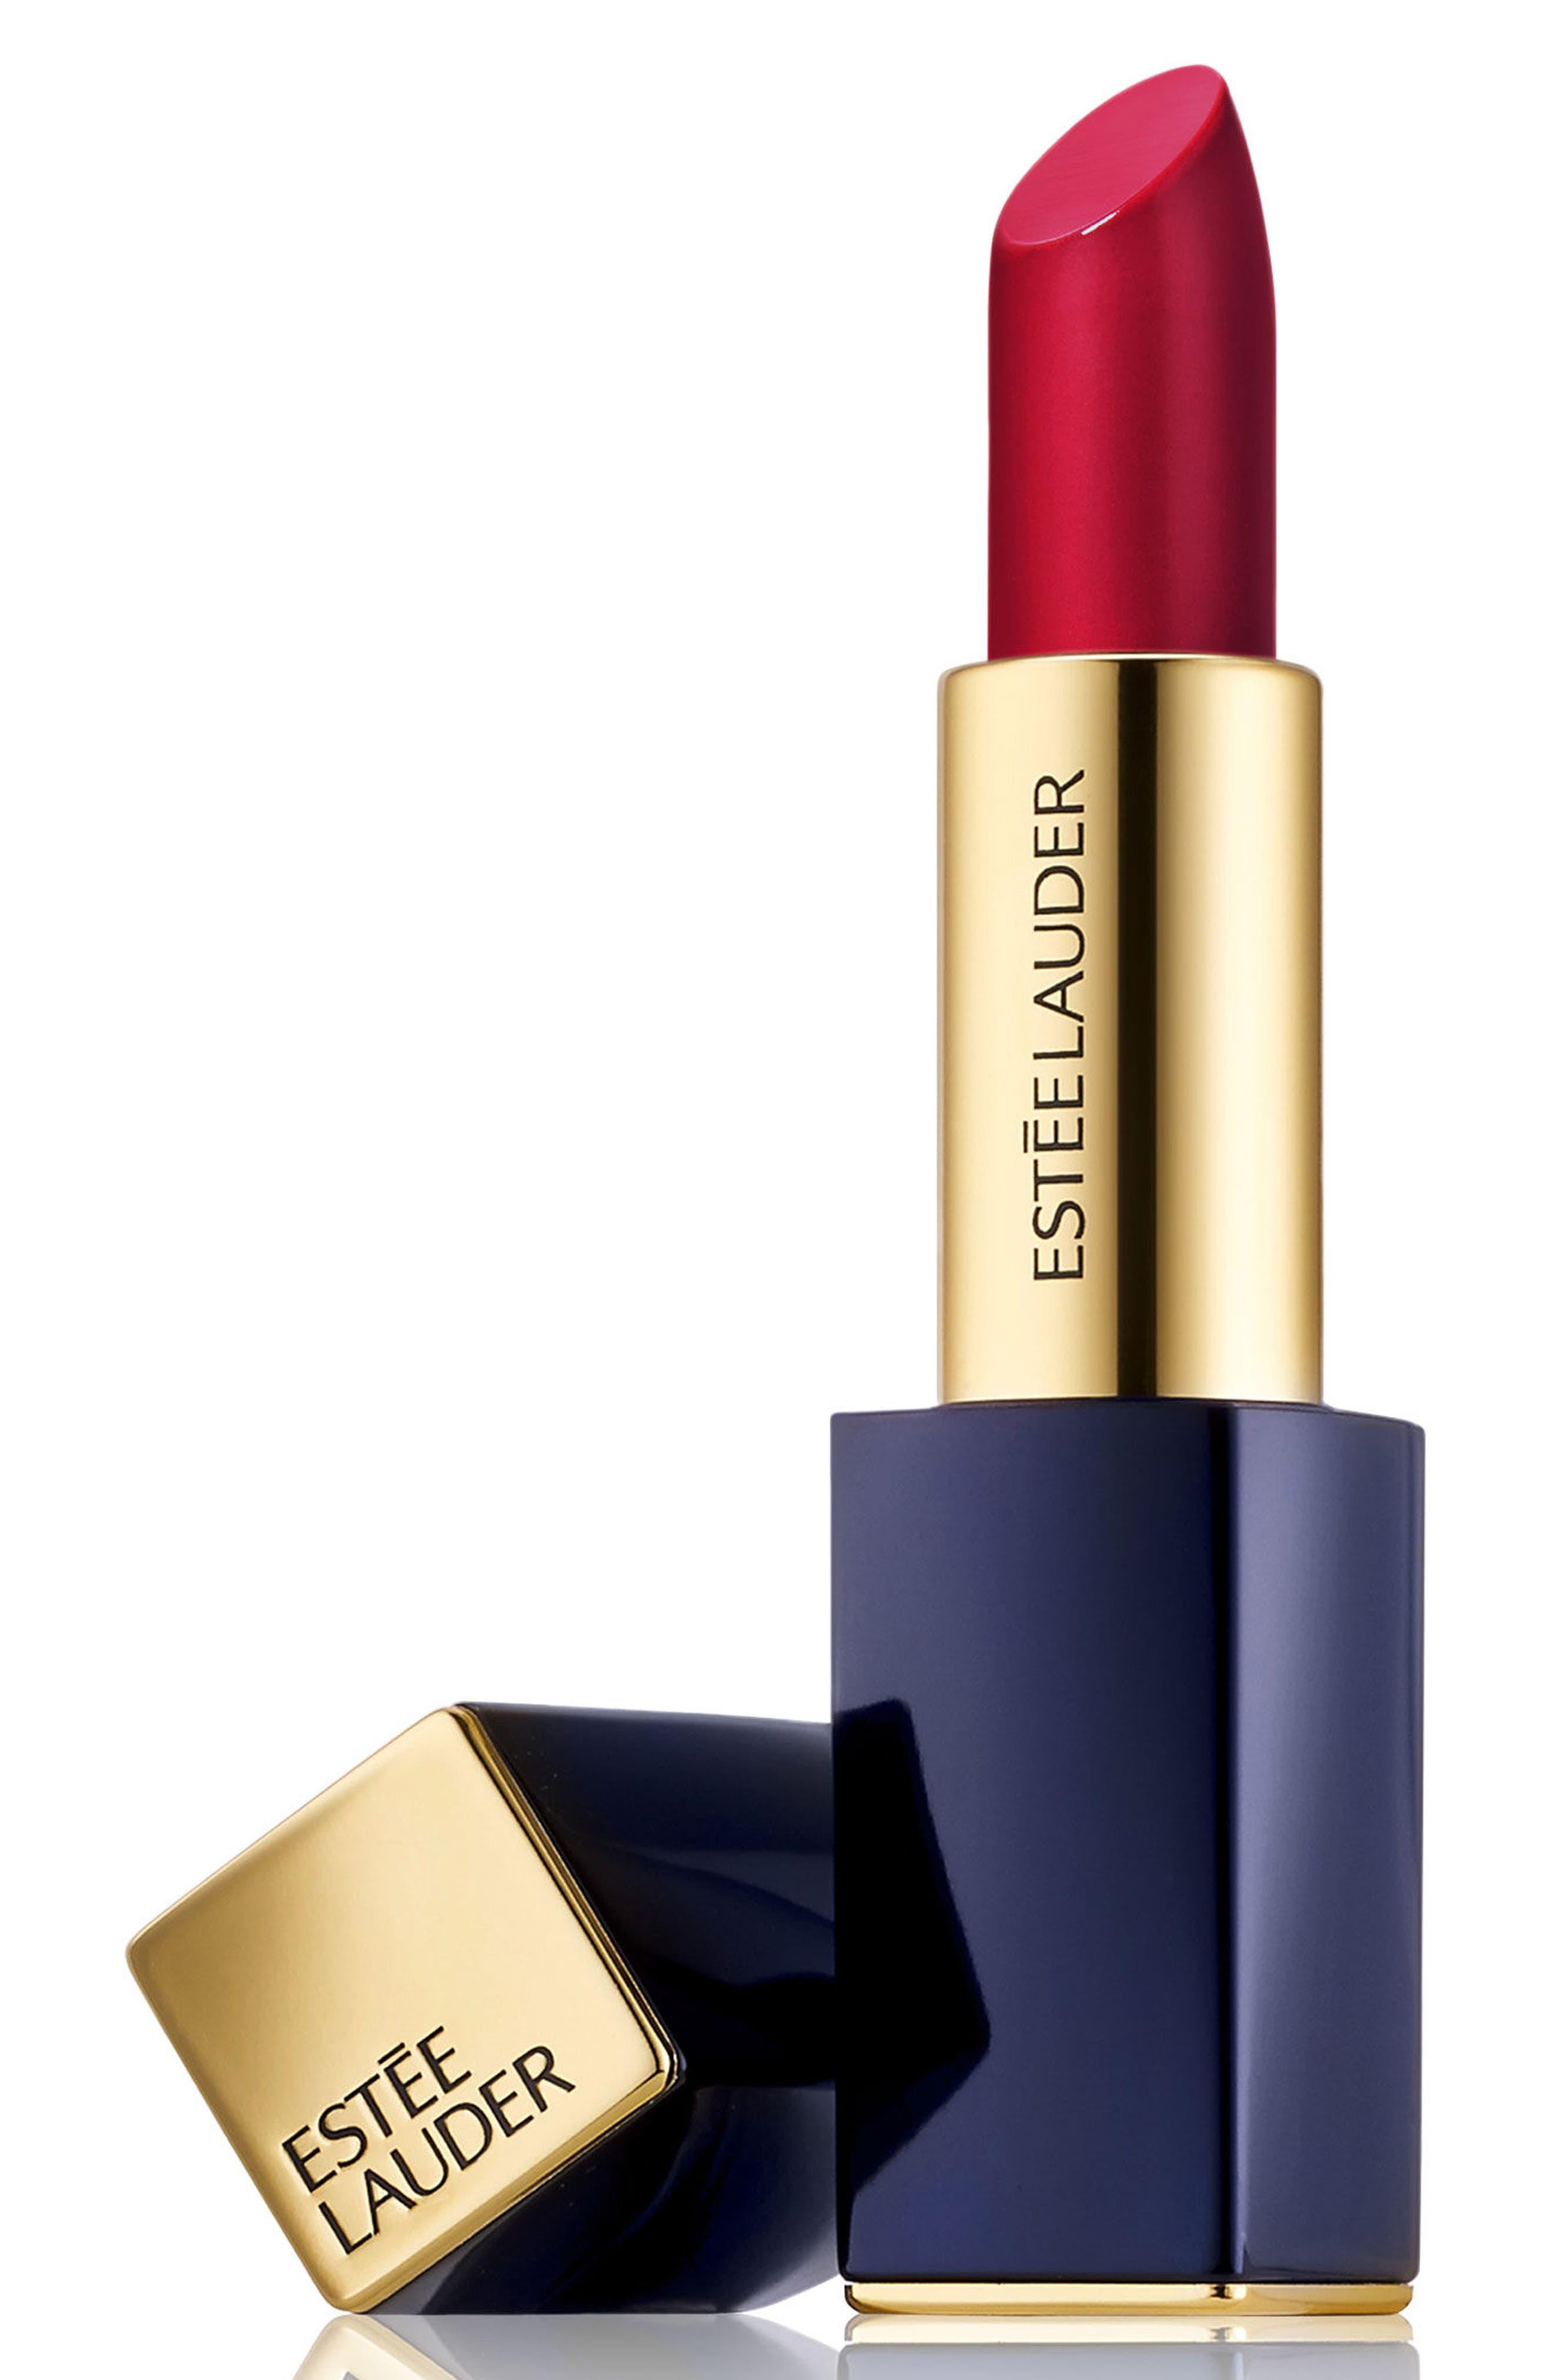 Estée Lauder Pure Color Envy Sheer Matte Sculpting Lipstick